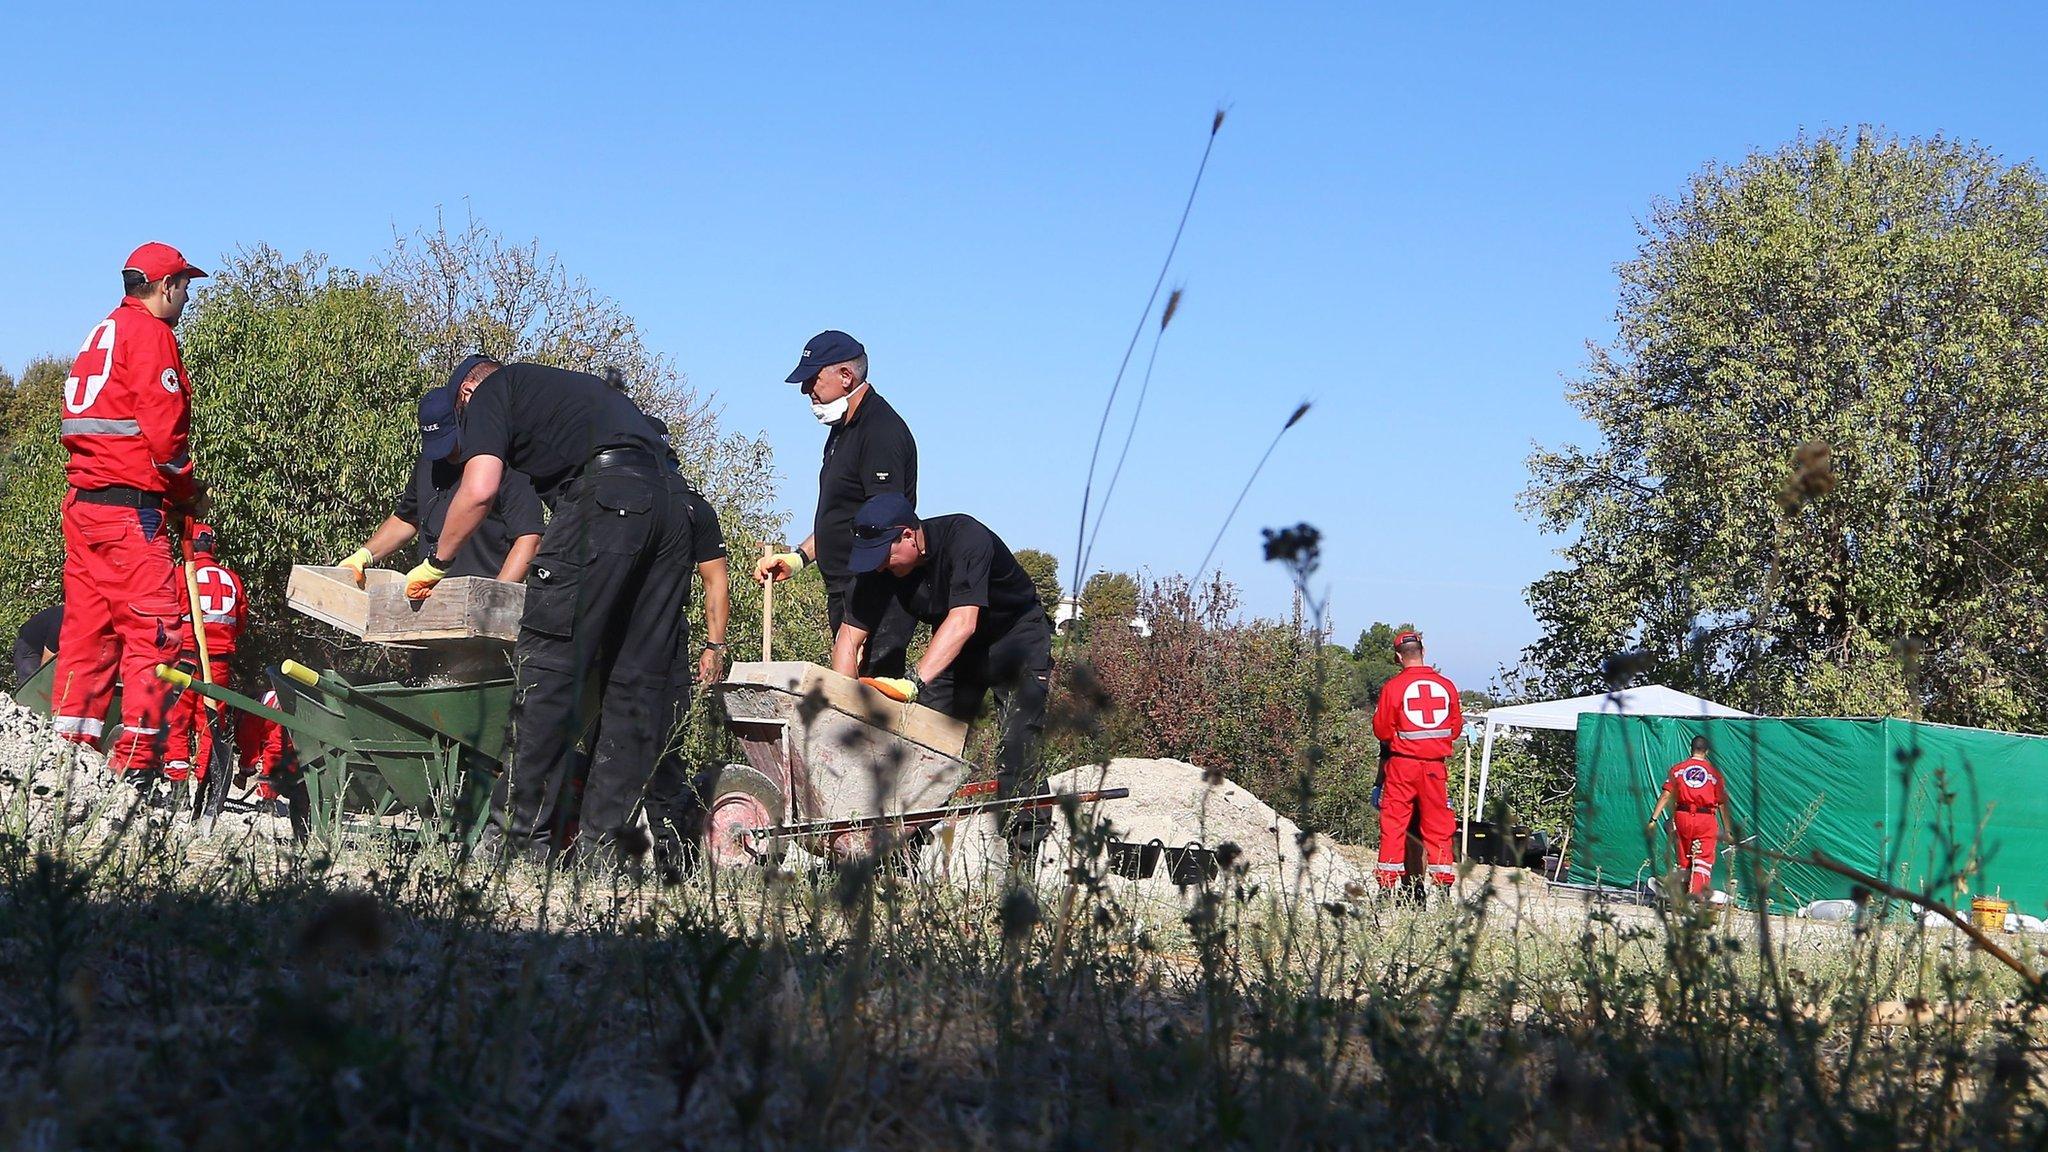 Ben Needham search: Dig resumes after archaeological finds halt